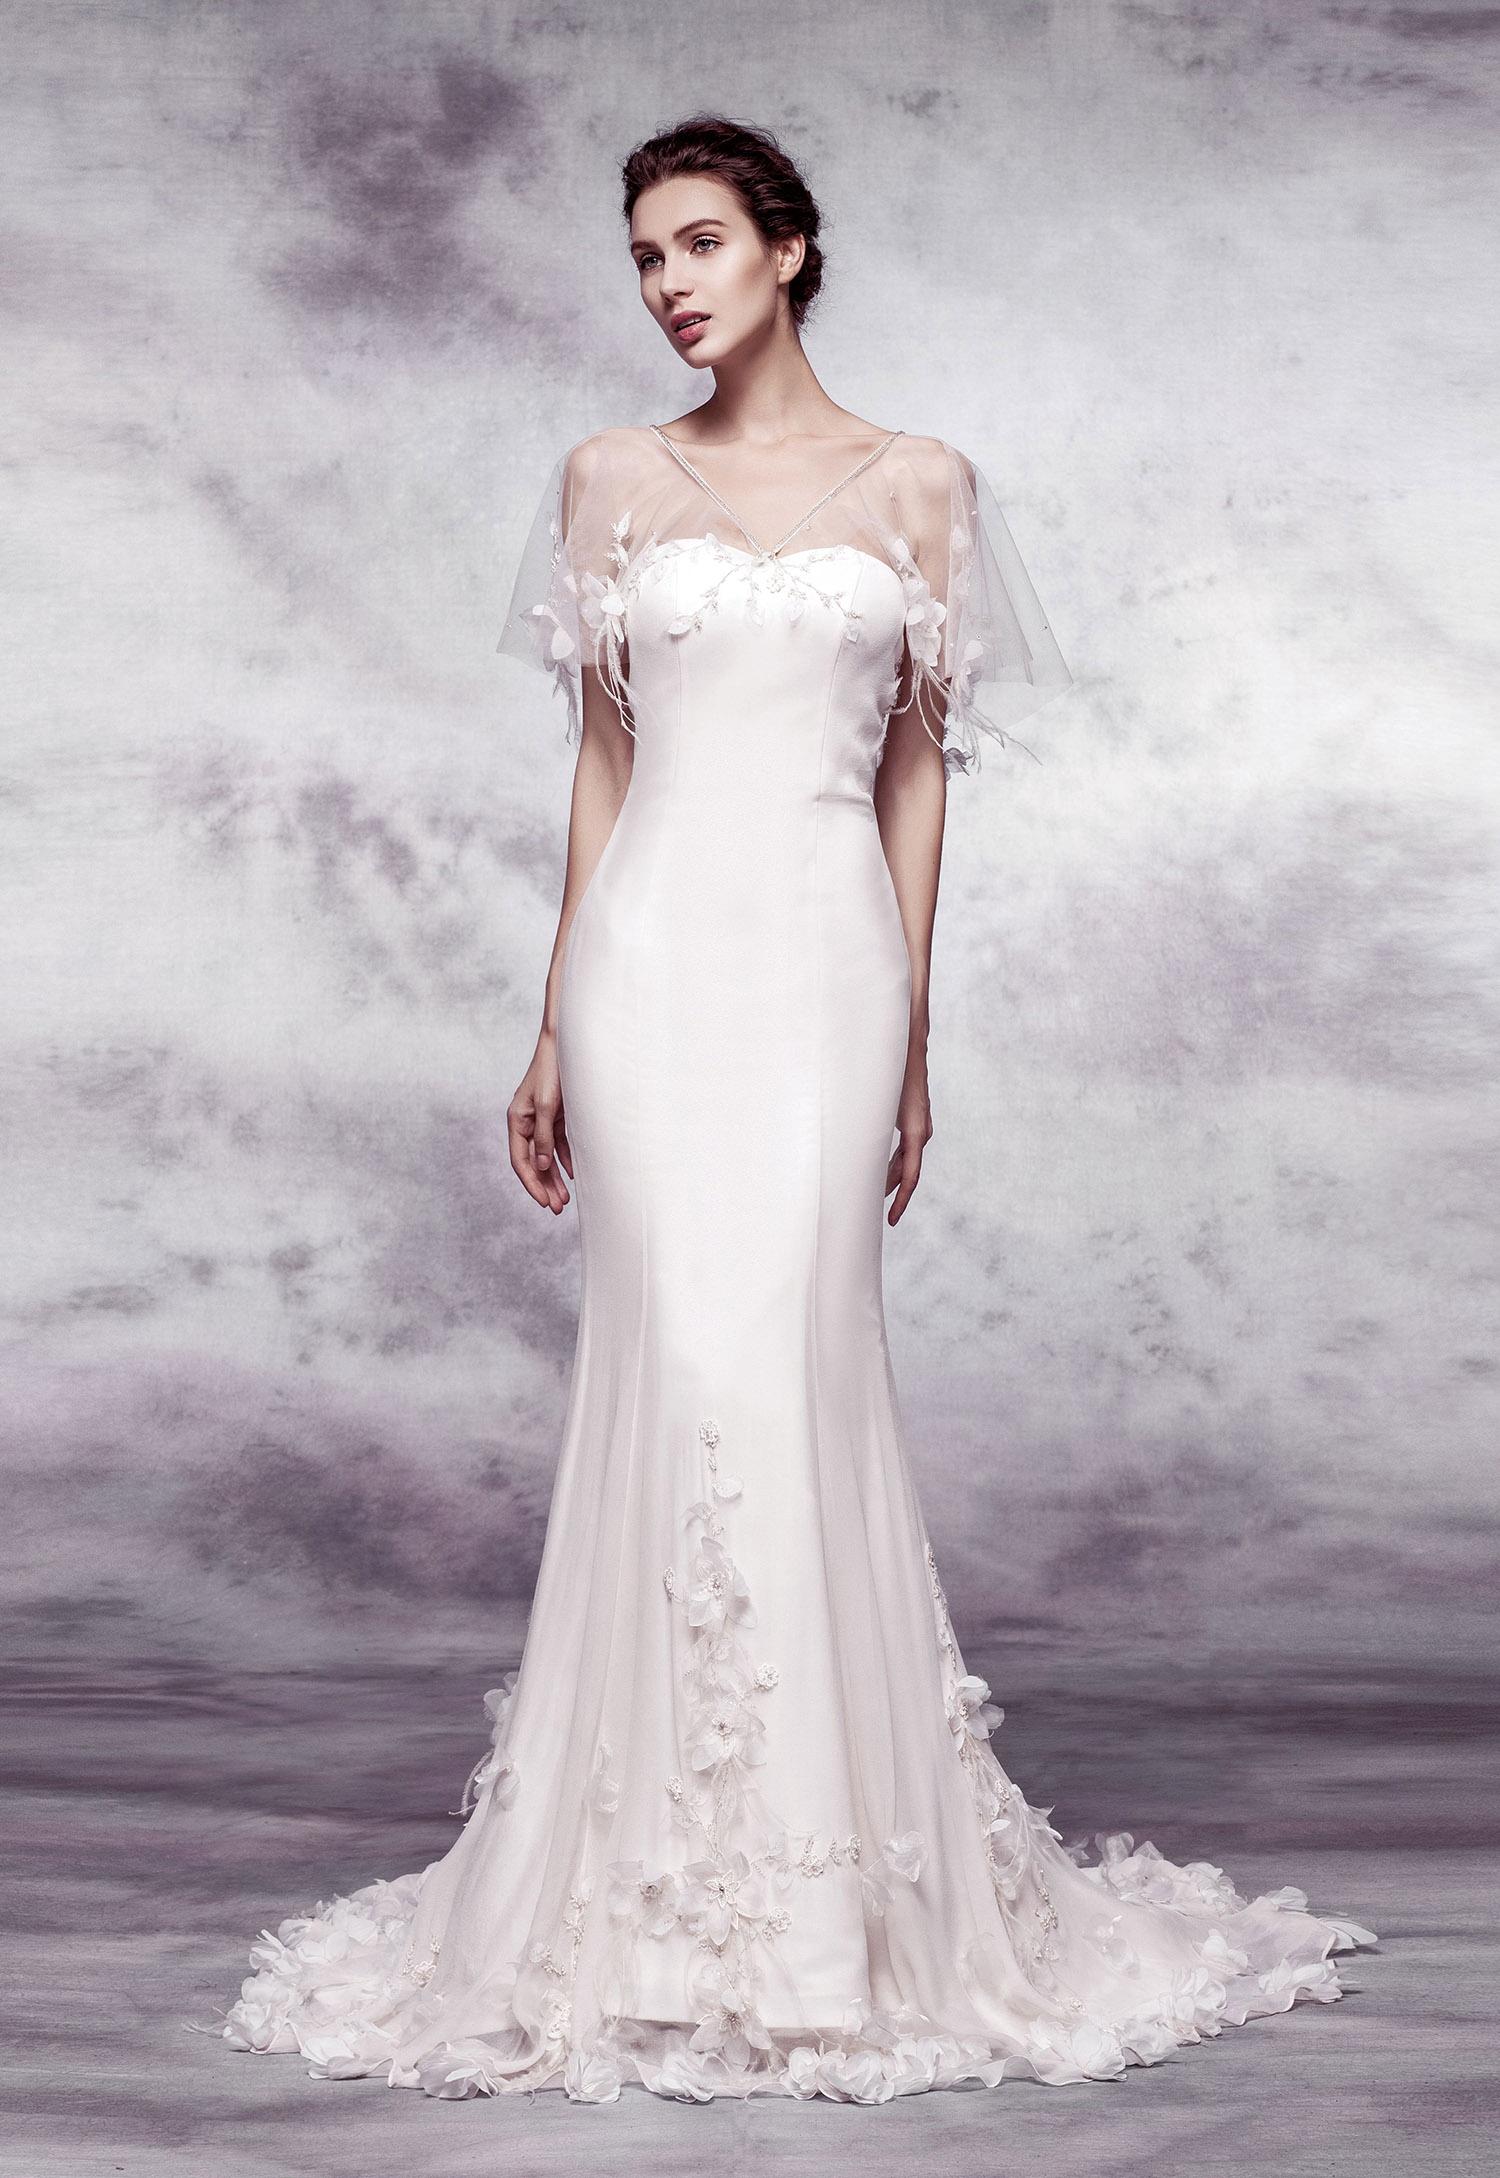 八大2017婚纱流行趋势 不同款式礼服解析